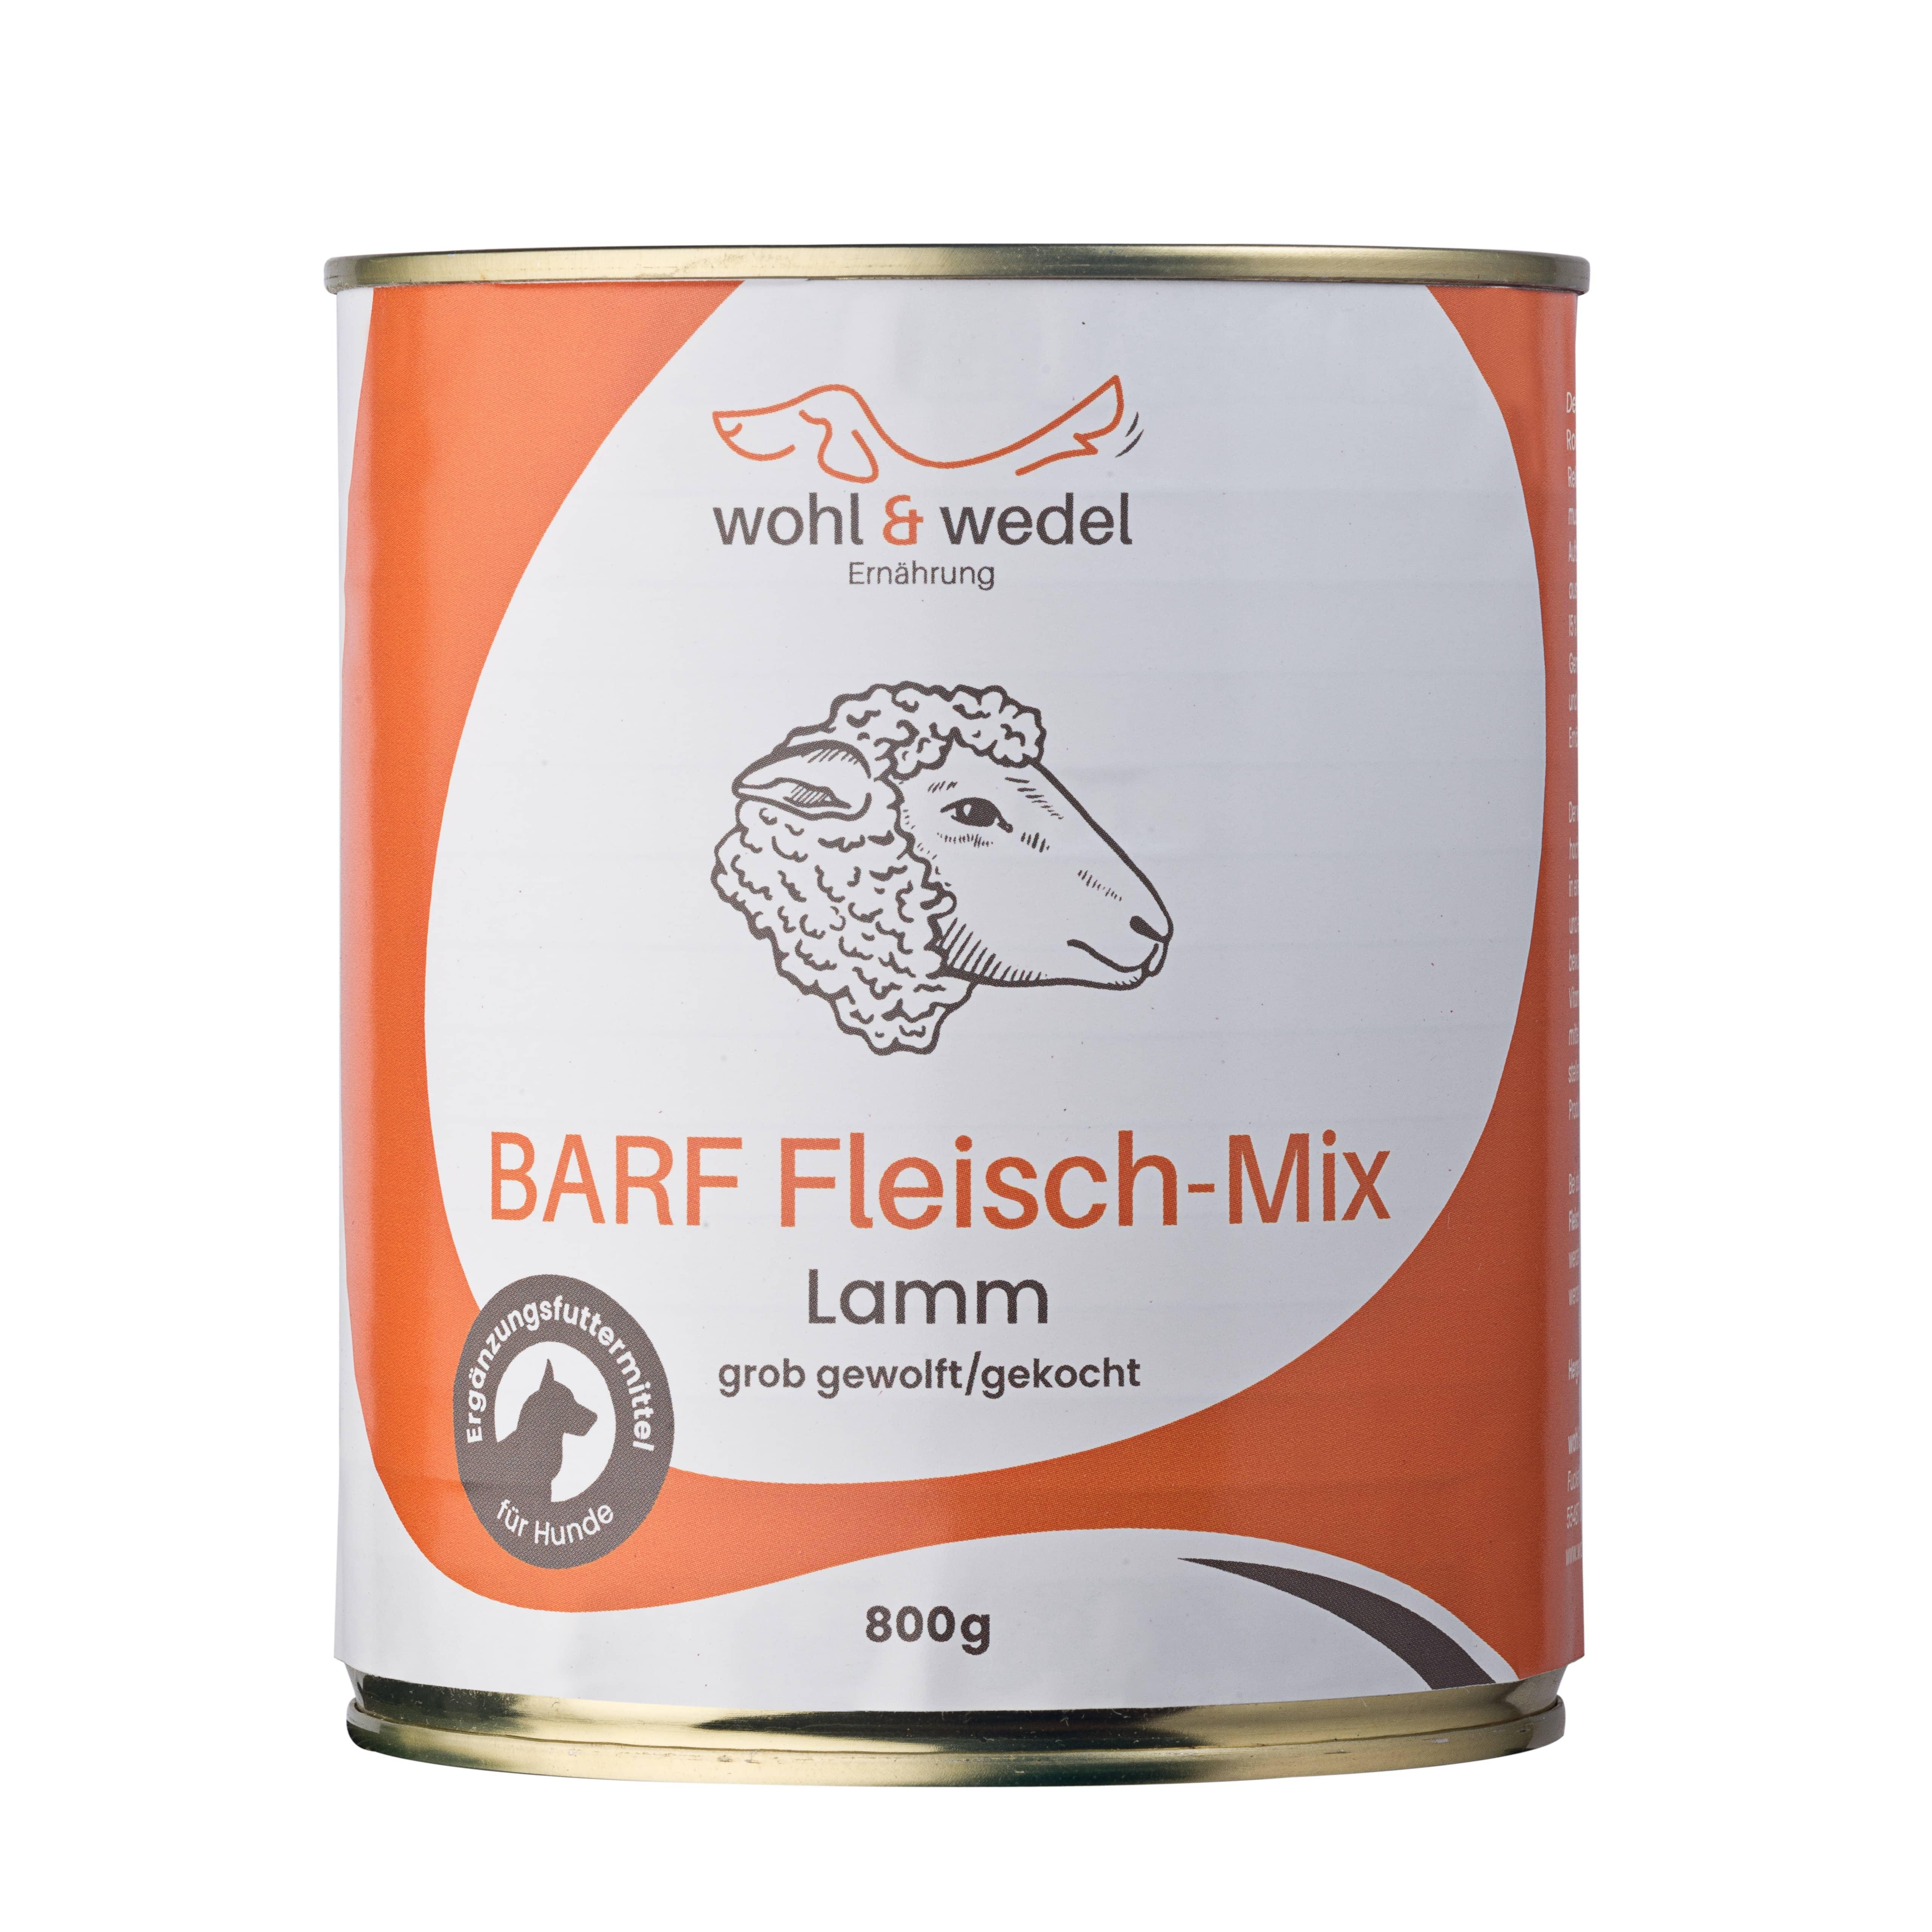 12 x wohl & wedel BARF Fleisch-Mix Lamm 800 g